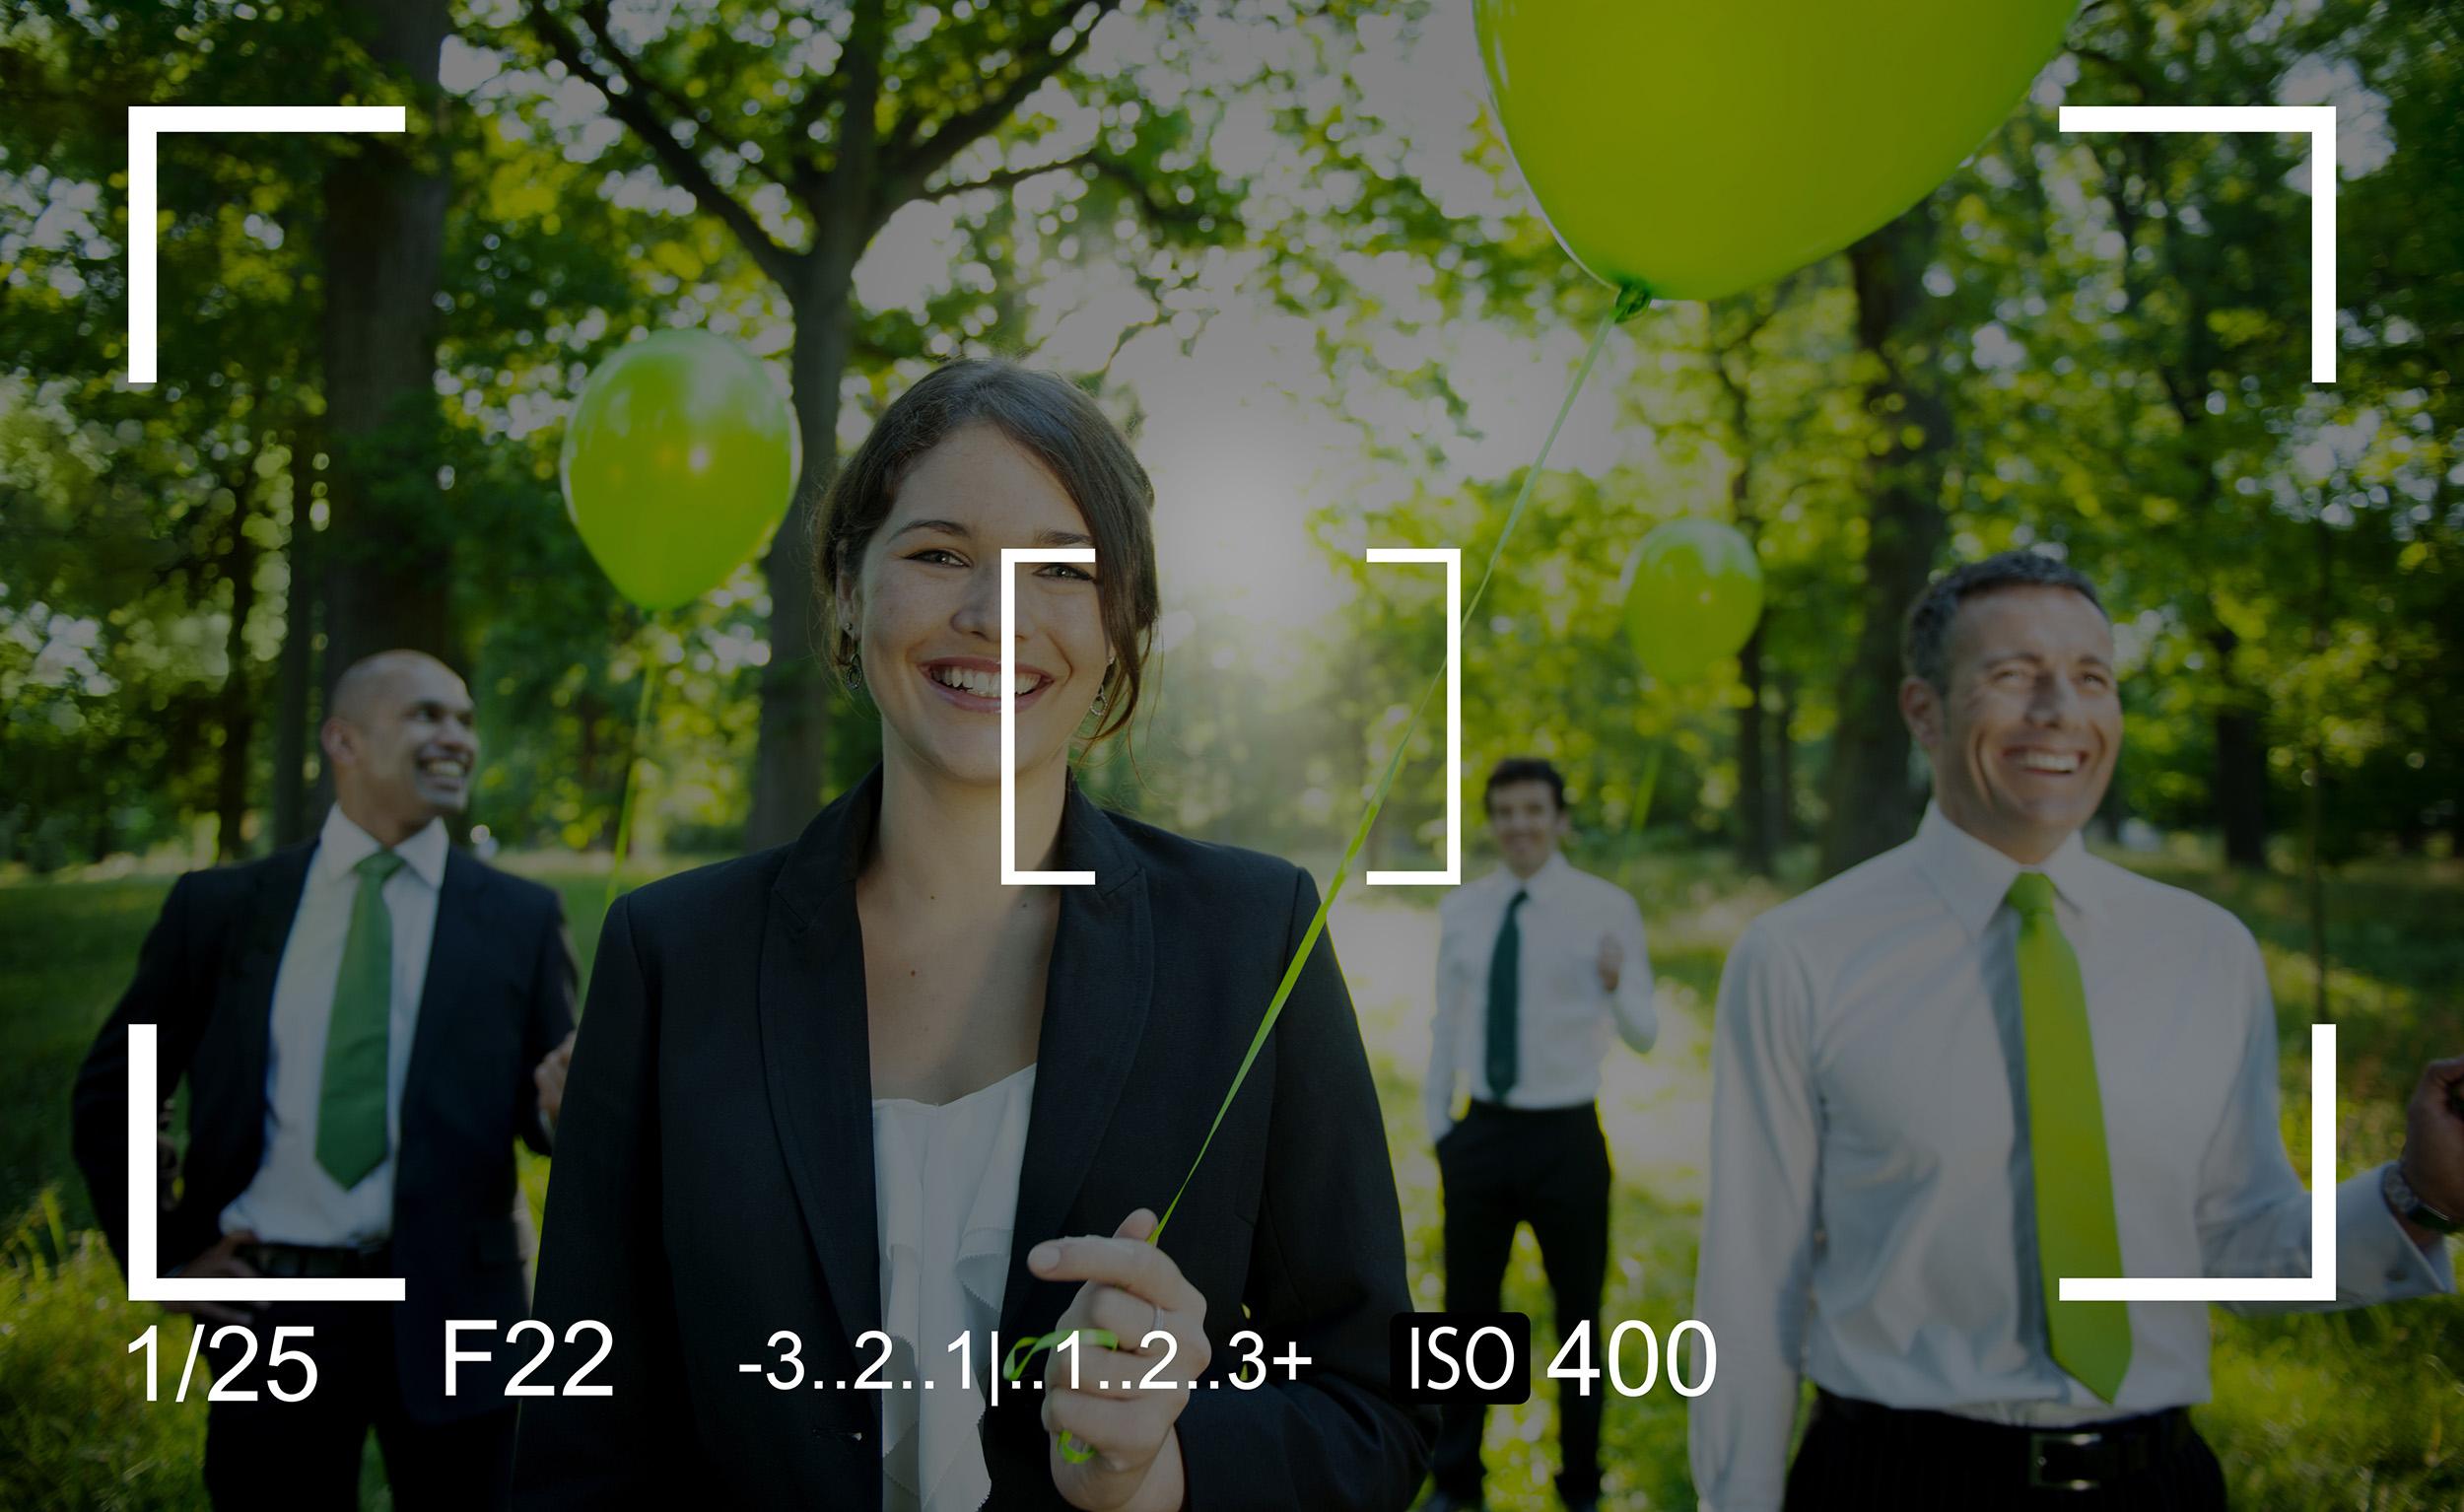 foto van een meisje en drie mannen in een bos met een groene ballon in hun hand met cameradetails eroverheen zoals 1/25f